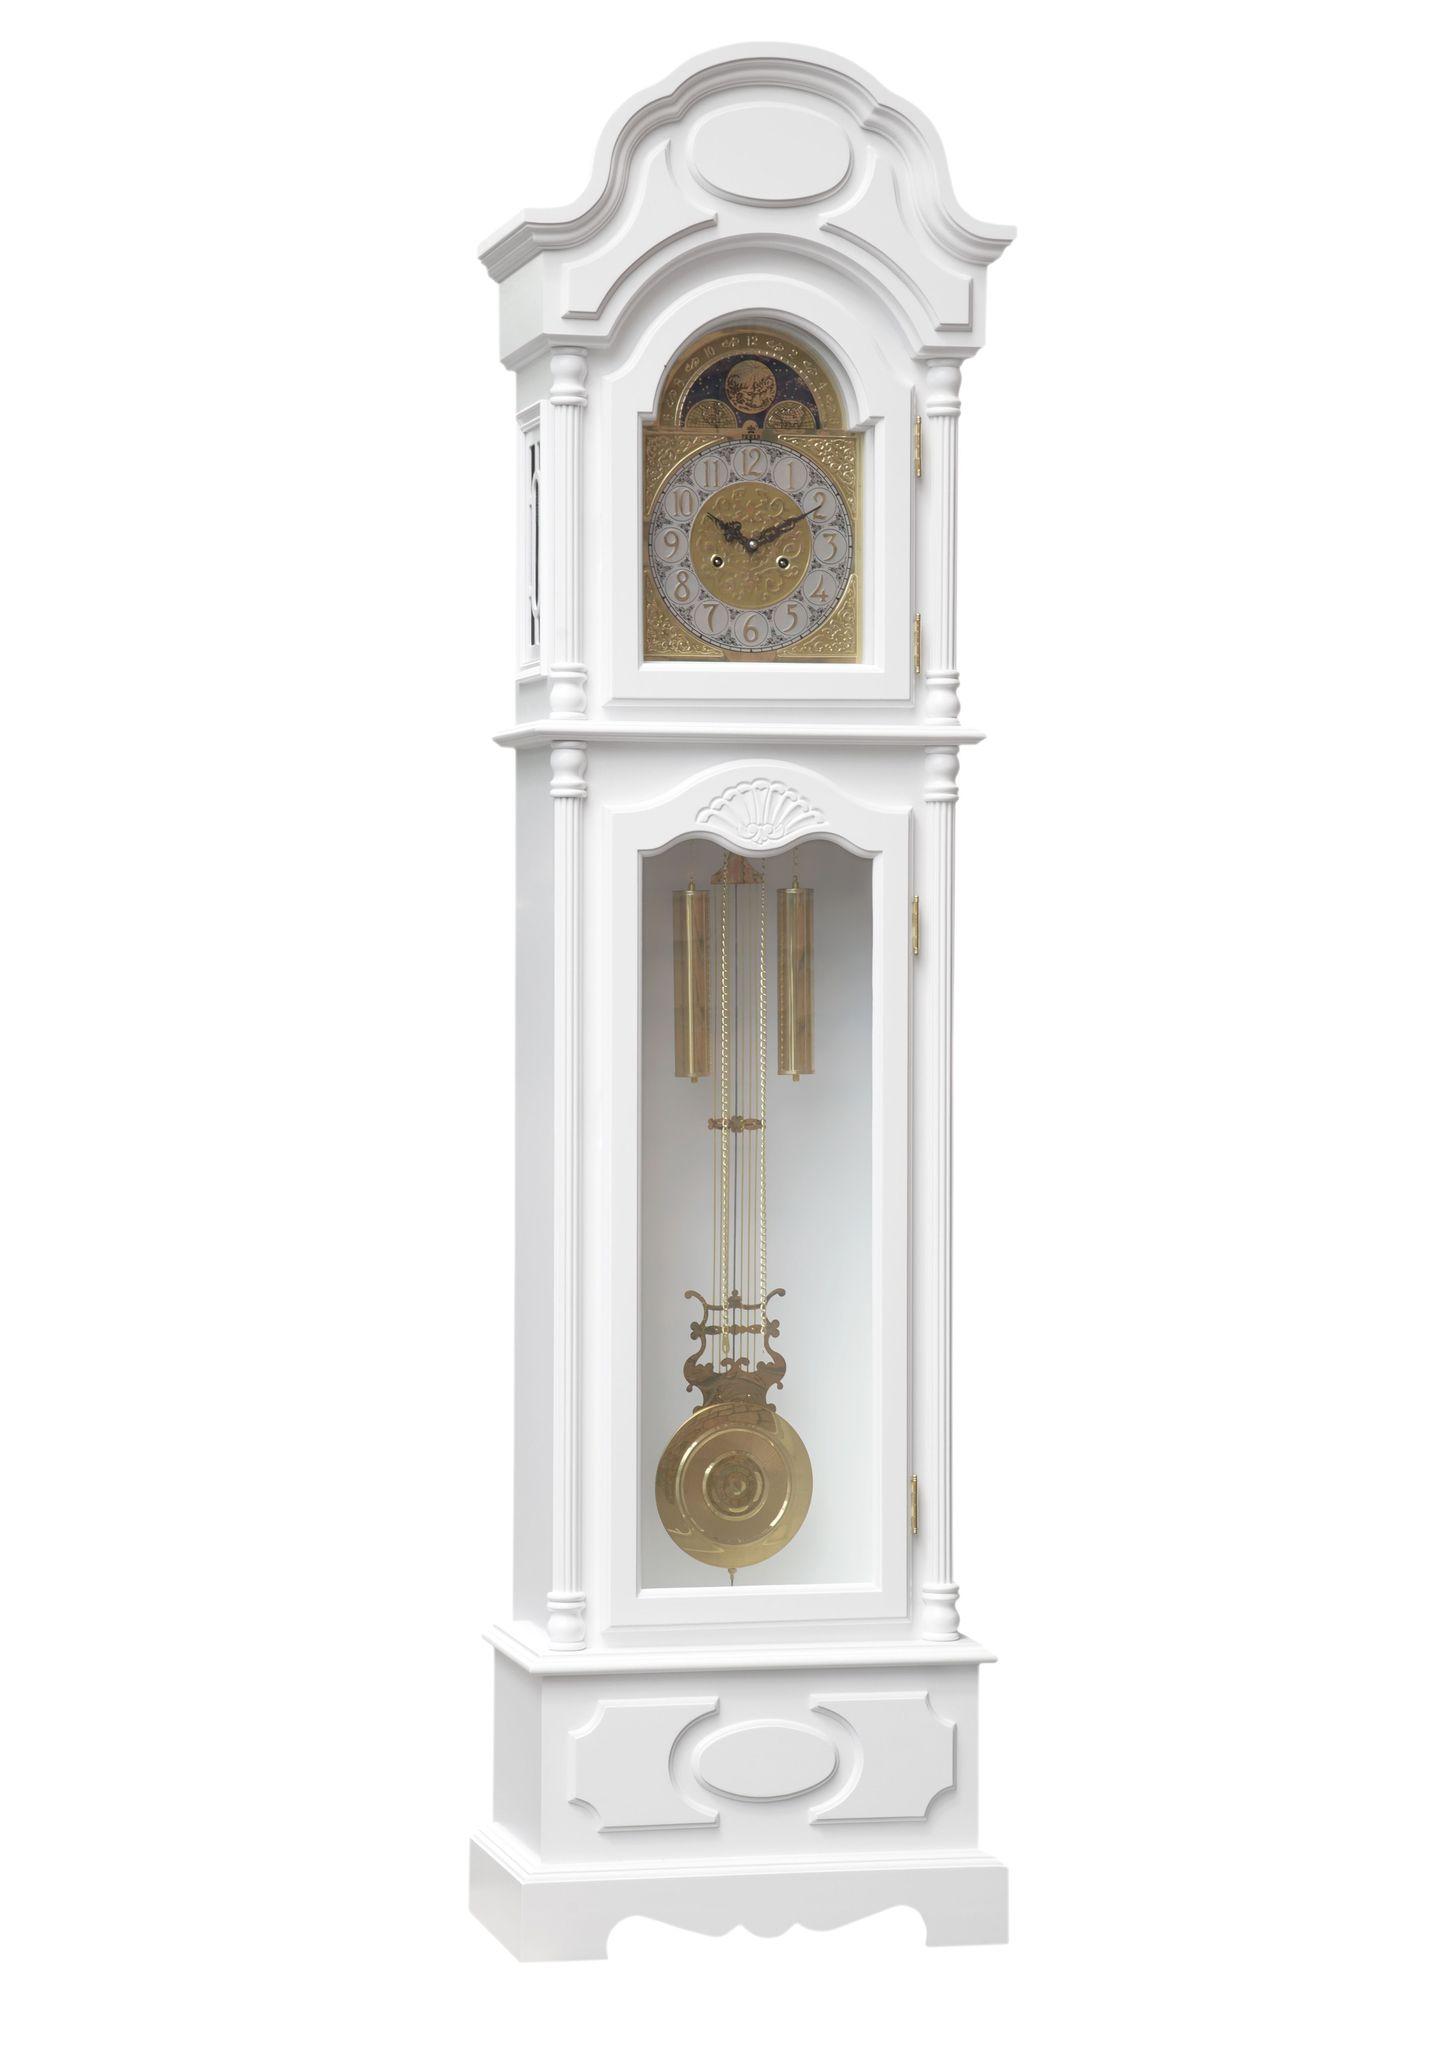 Часы напольные Часы напольные Power MG2352D-0 chasy-napolnye-power-mg2352d-0-kitay.jpg